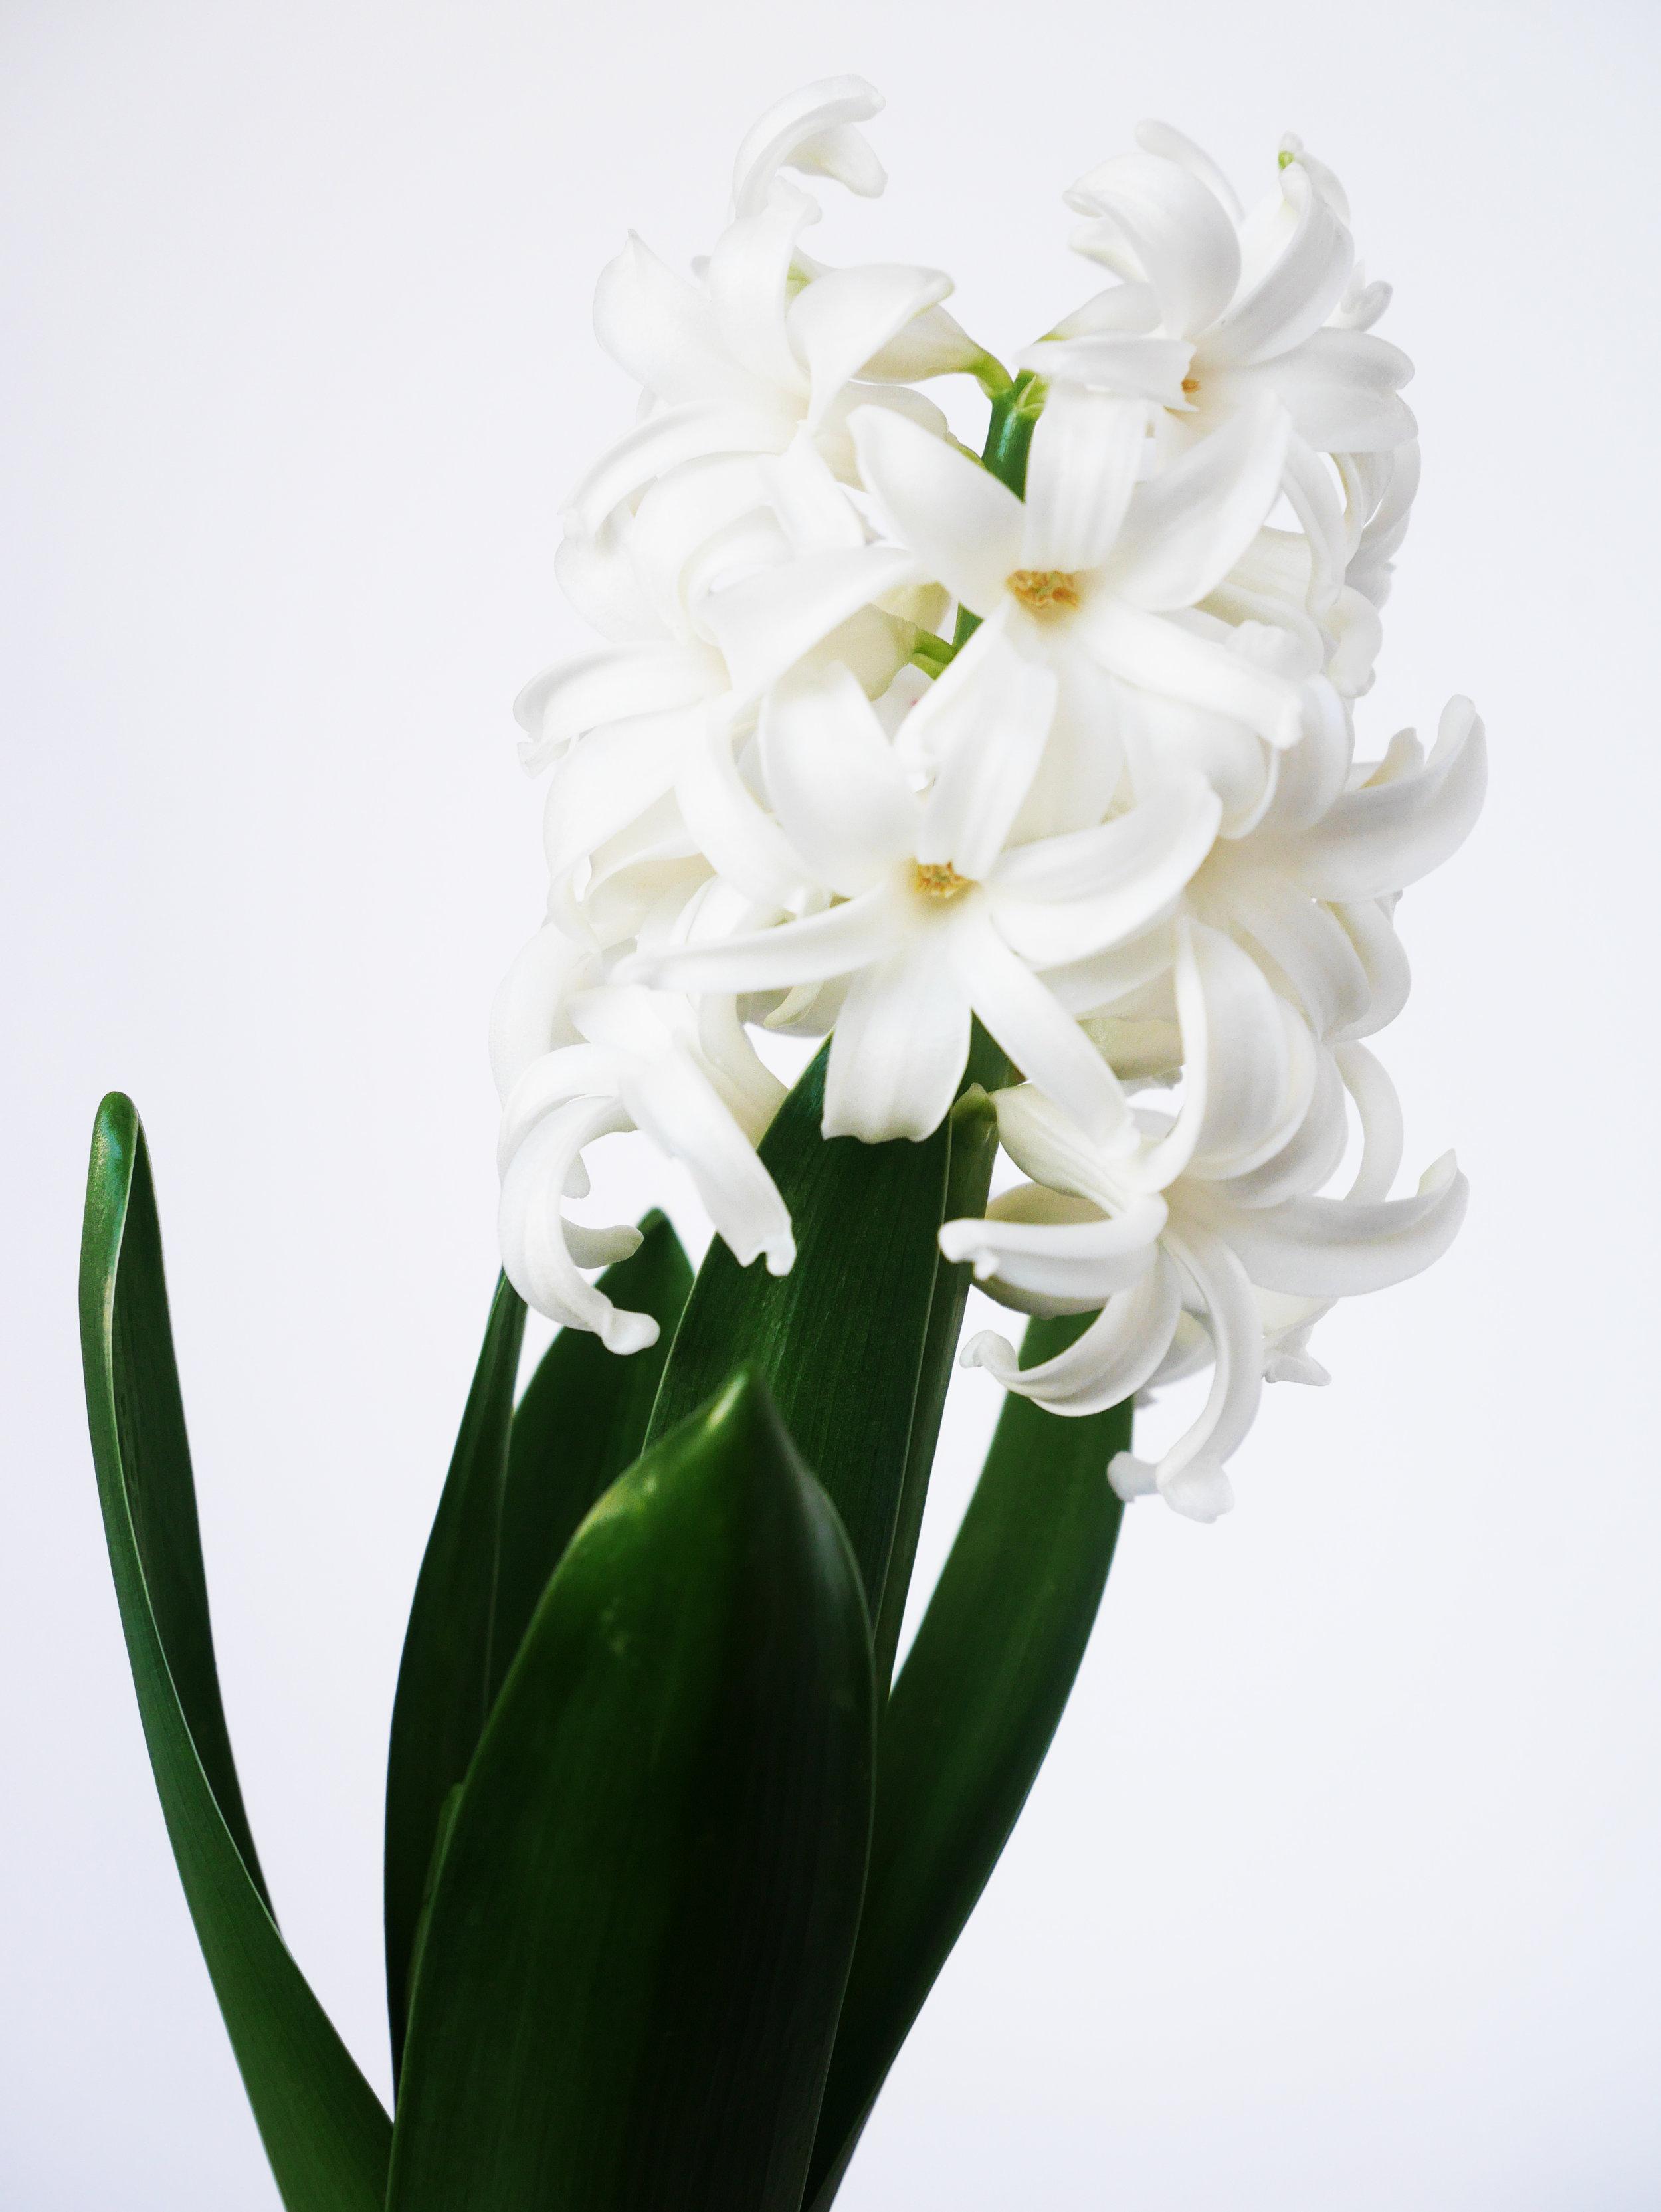 White Hyacinth 2.jpg